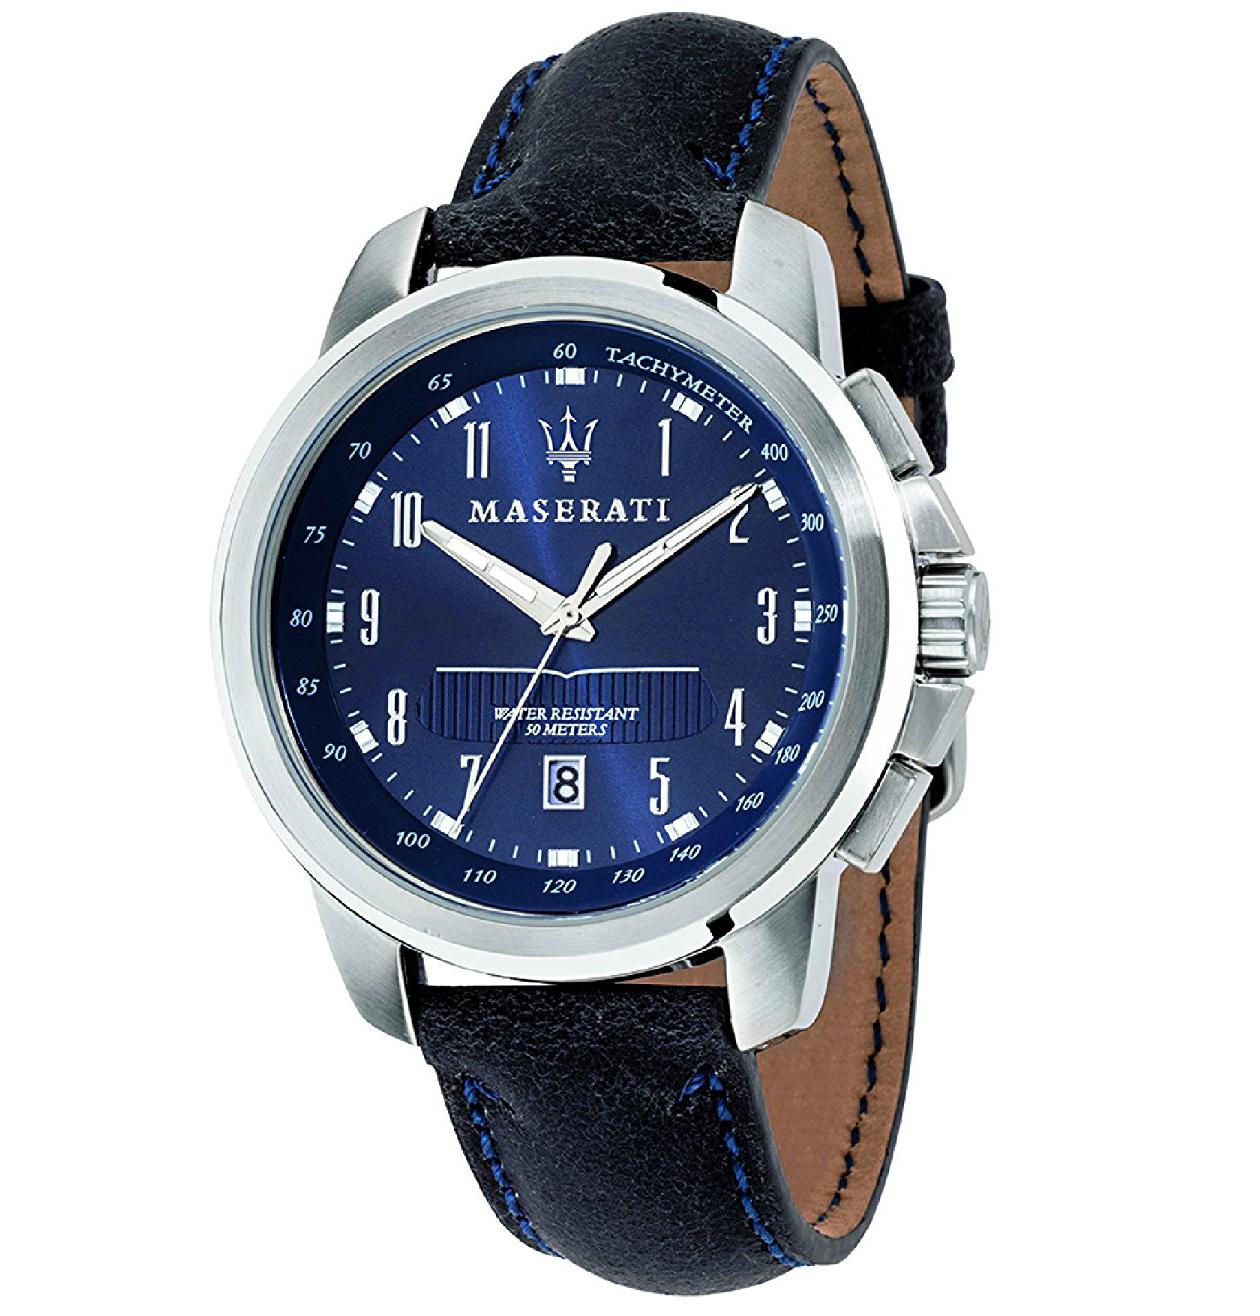 MASERATI WATCH-瑪莎拉蒂手錶-海神深藍款-R8851121003-錶現精品公司-原廠正貨-鏡面保固一年